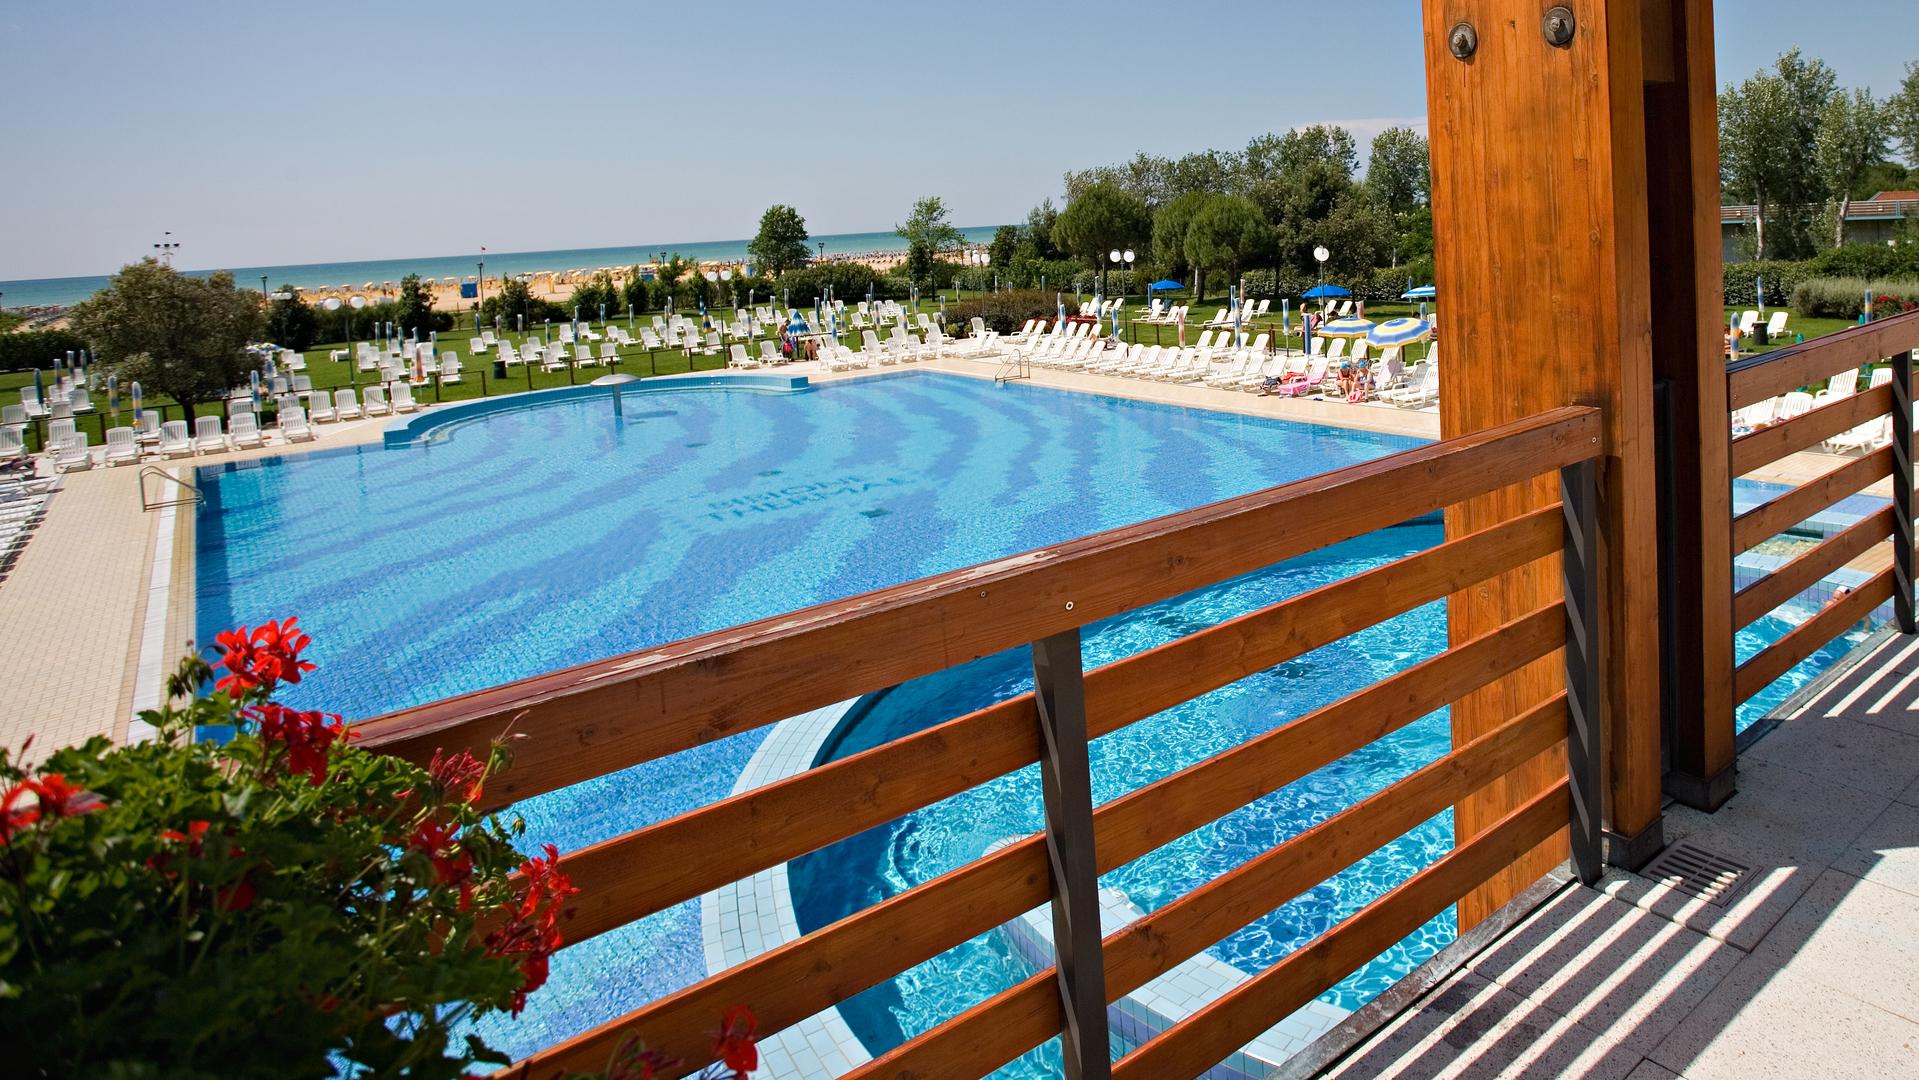 Hotel con parco termale a bibione savoy beach hotel - Hotel bibione con piscina ...